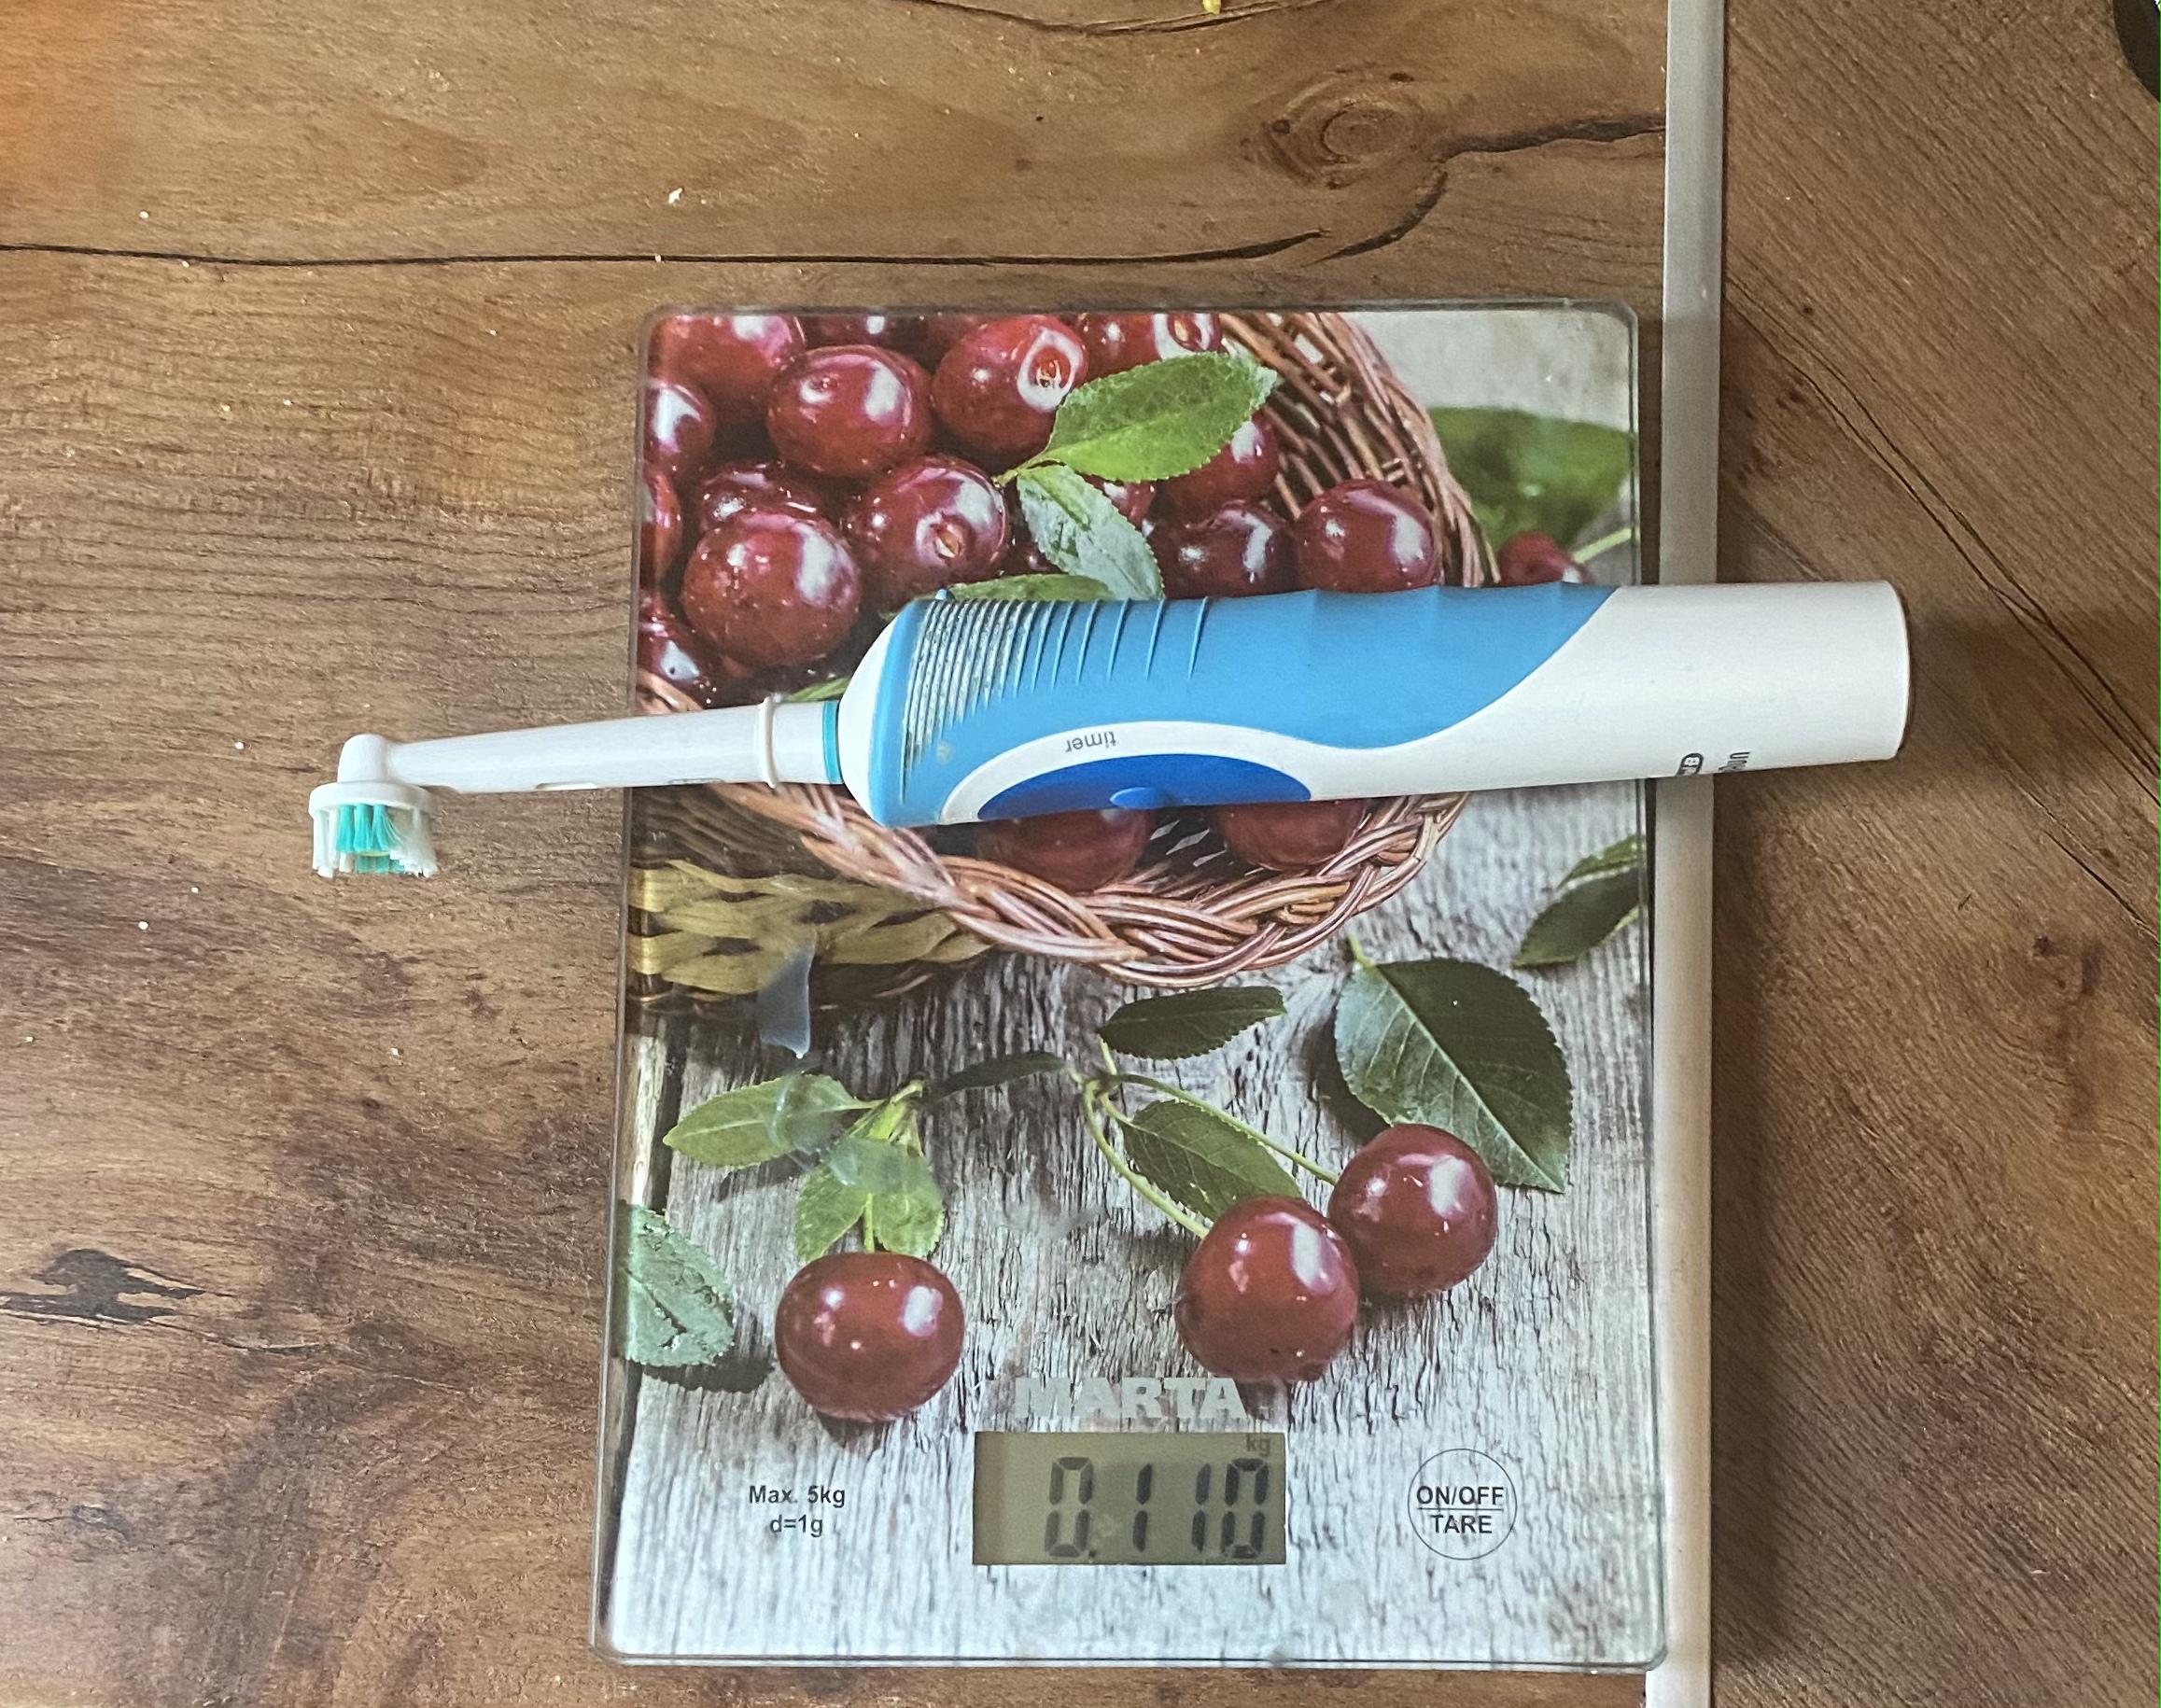 вес электрической зубной щетки